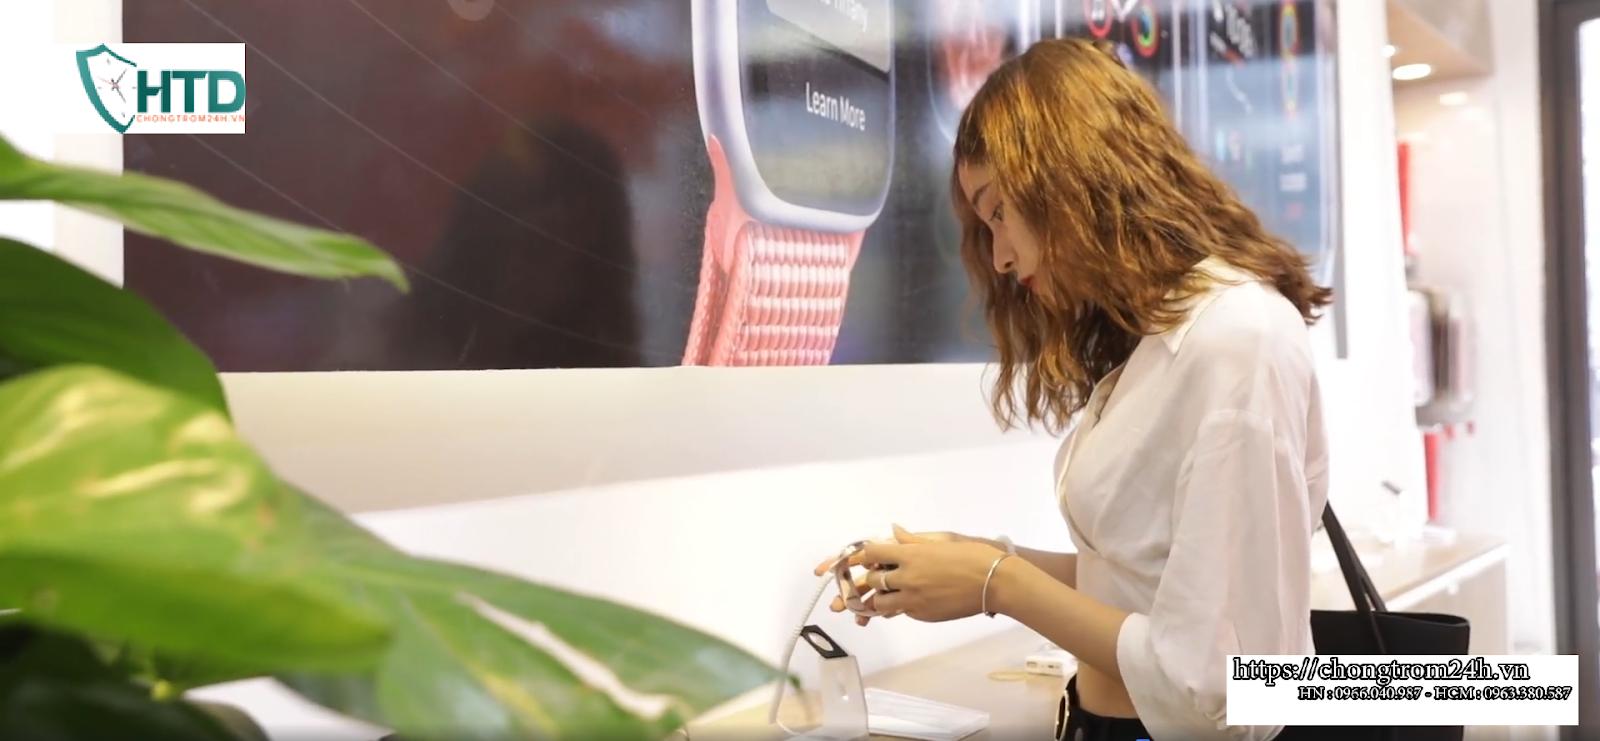 Thiết bị chống trộm đồng hồ thông minh tại Phi Hùng mobile